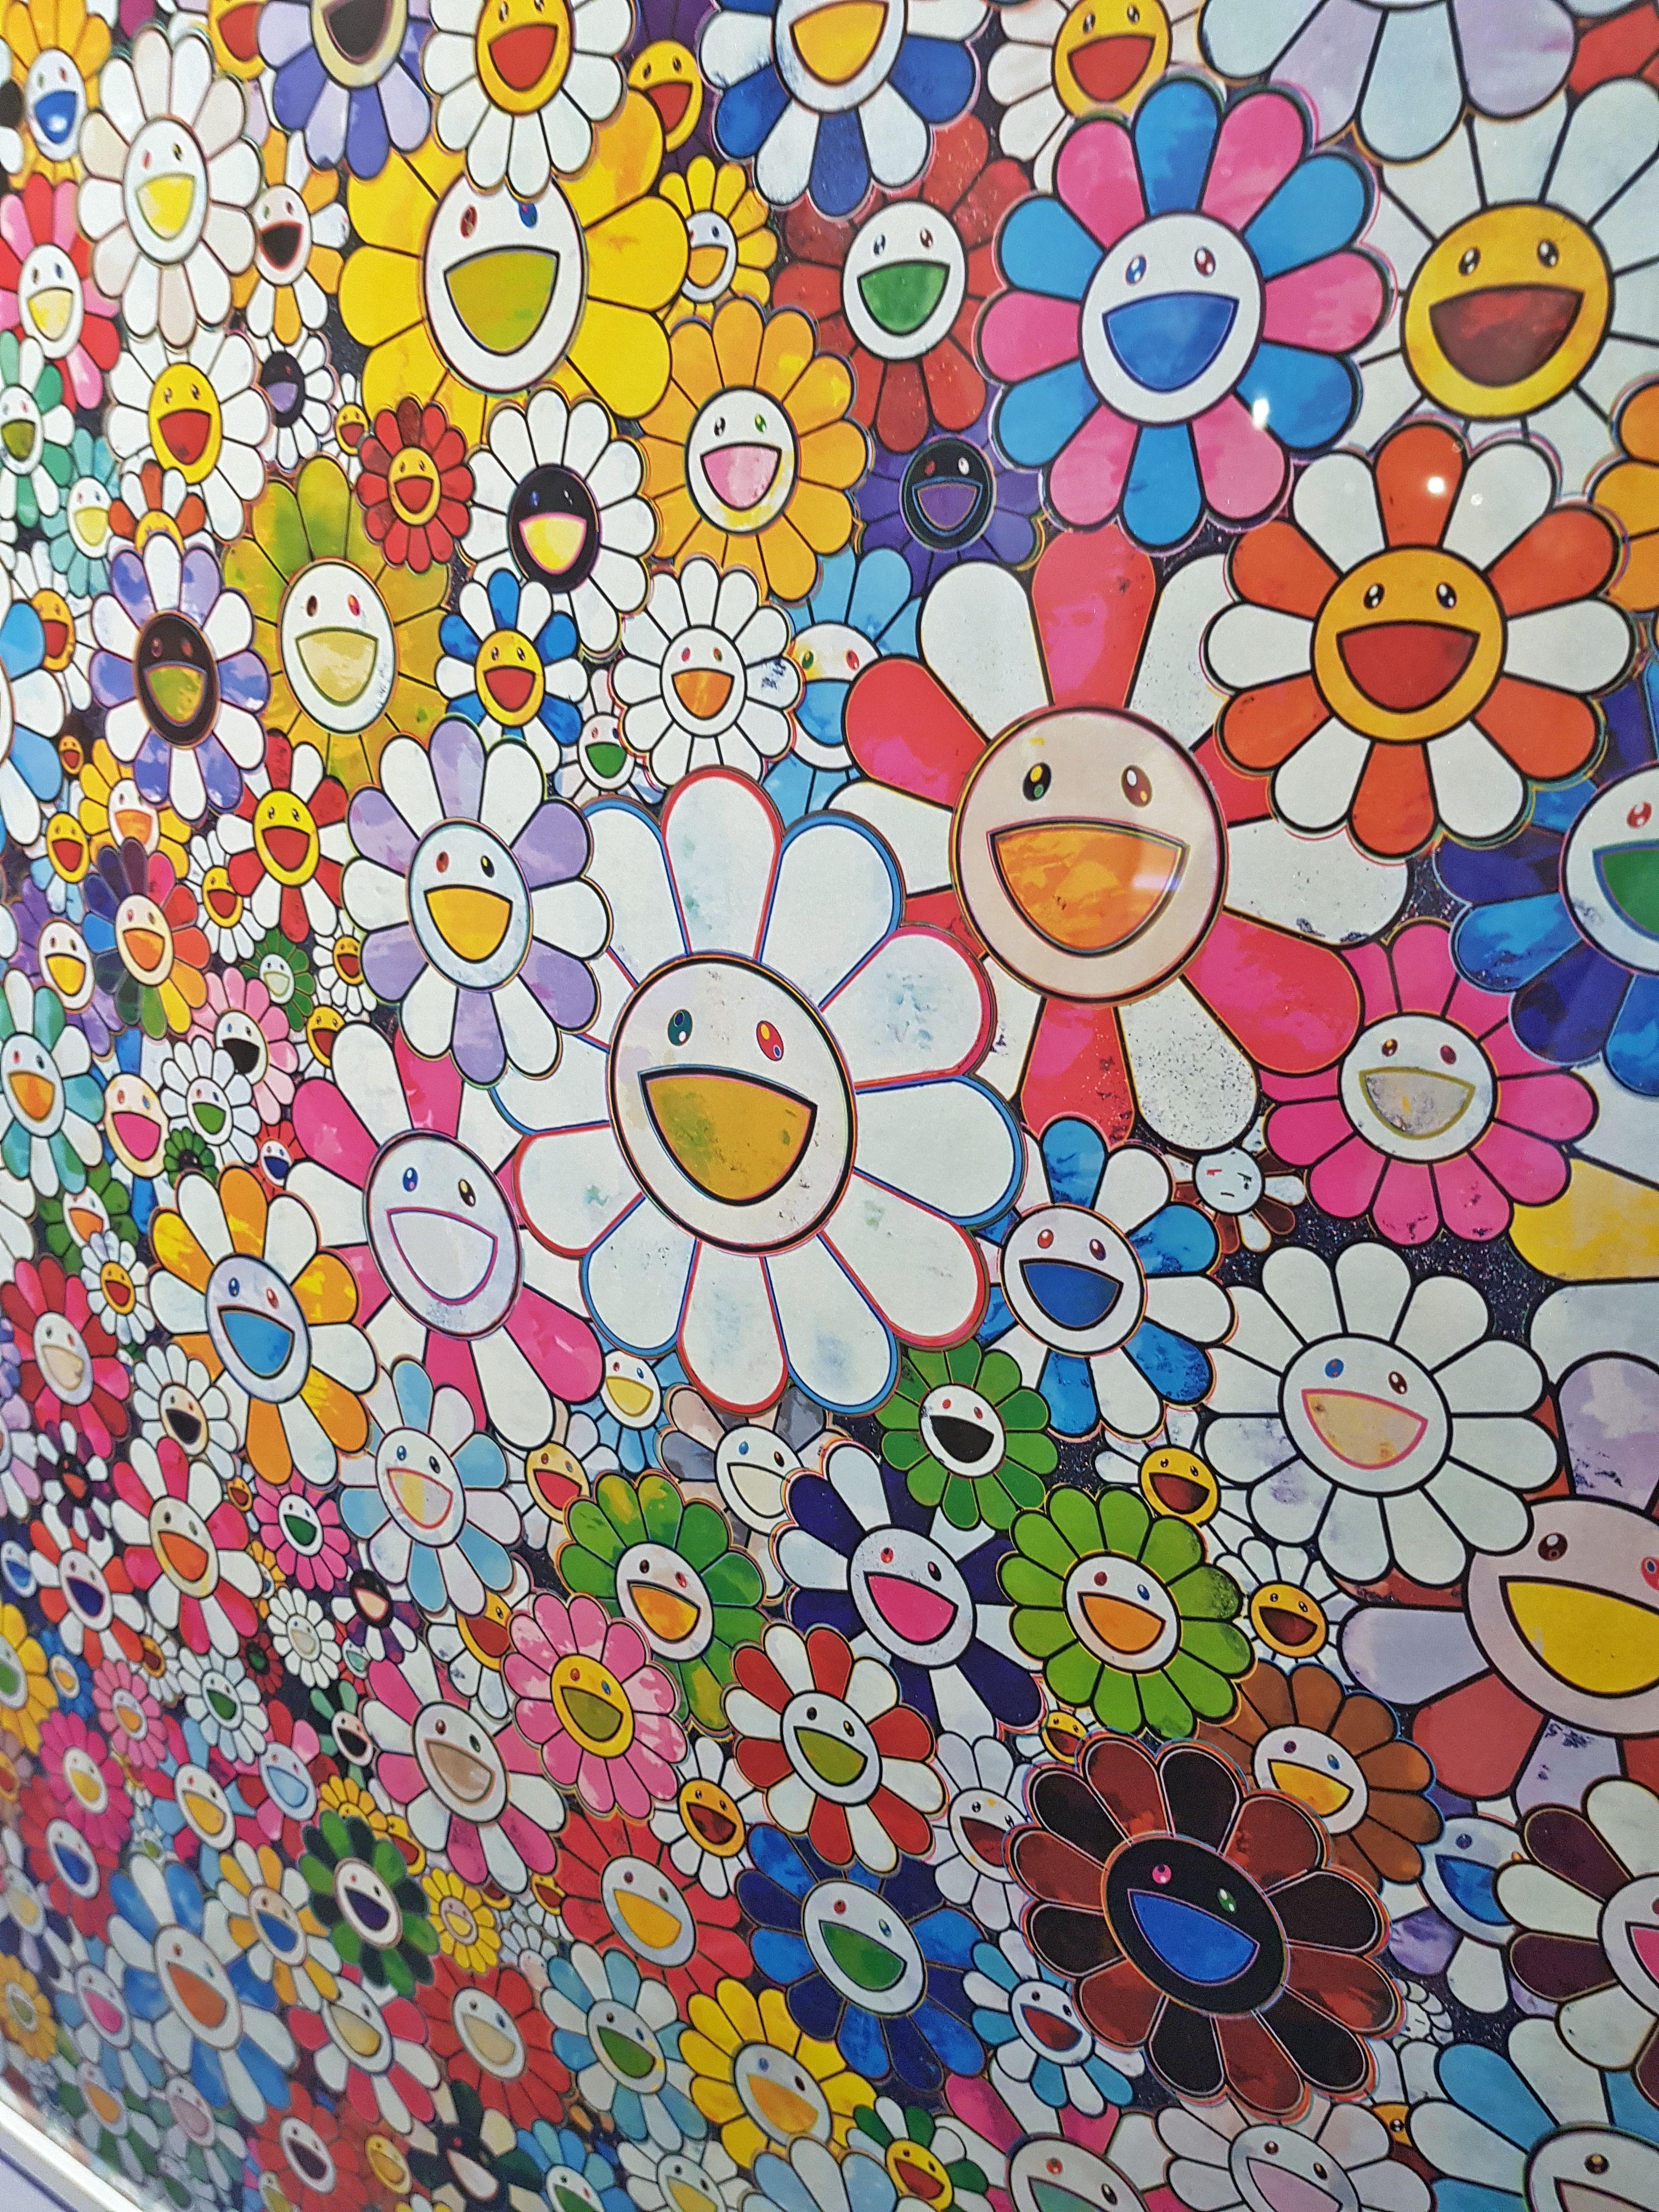 Monstres, Mangas Et Murakami : monstres,, mangas, murakami, Musée, Herbe,, Exposition, Monstres,, Mangas, Murakami, Tourisme,, Paris